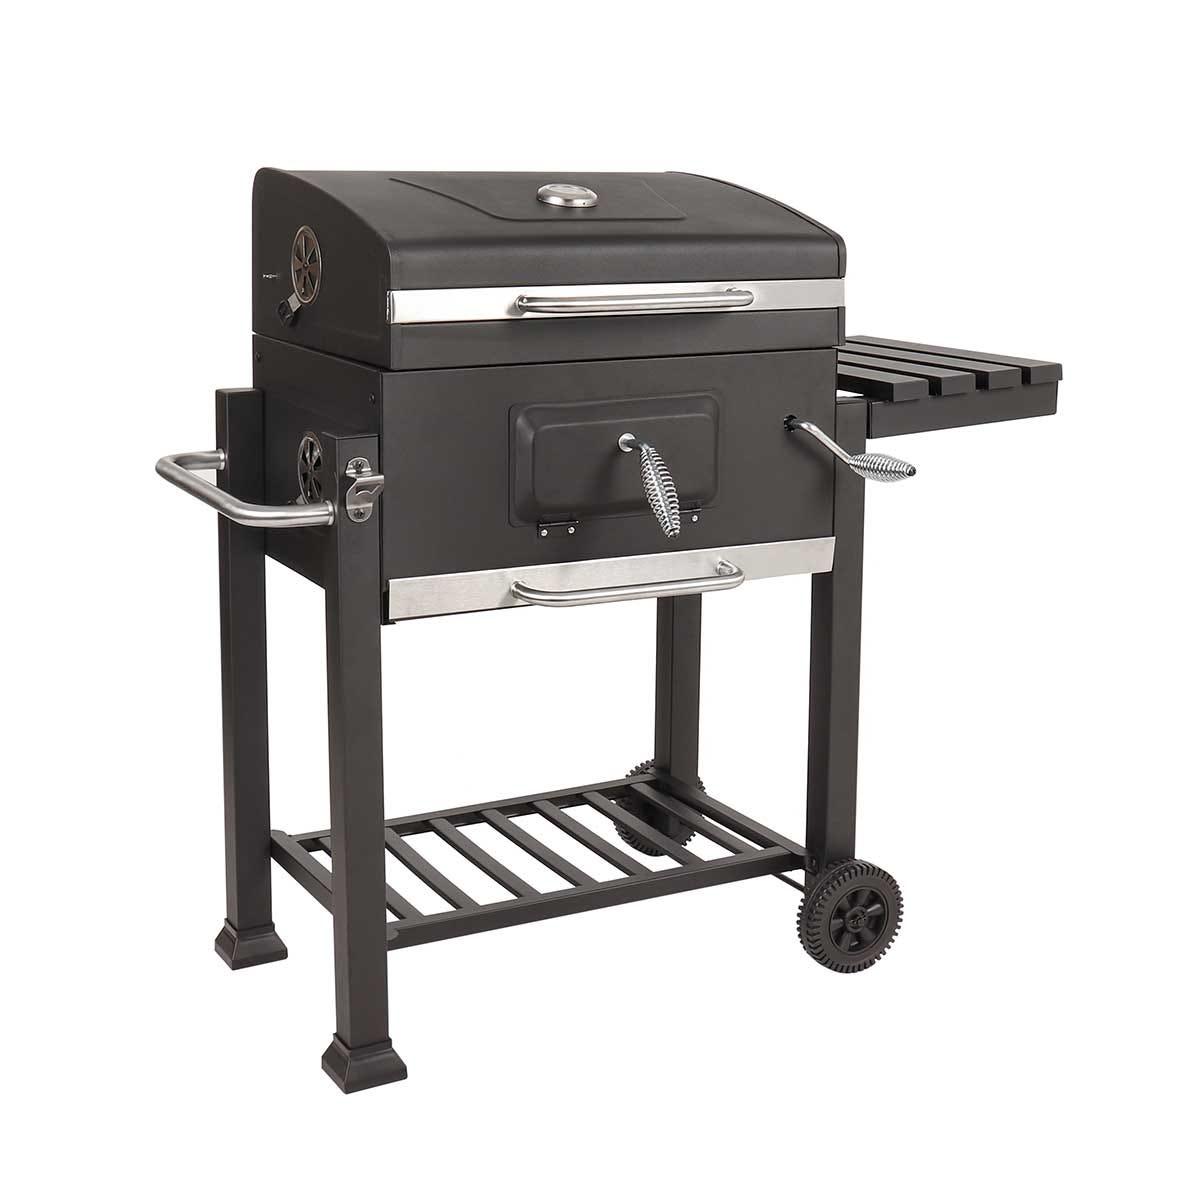 Kingfisher Smoker BBQ